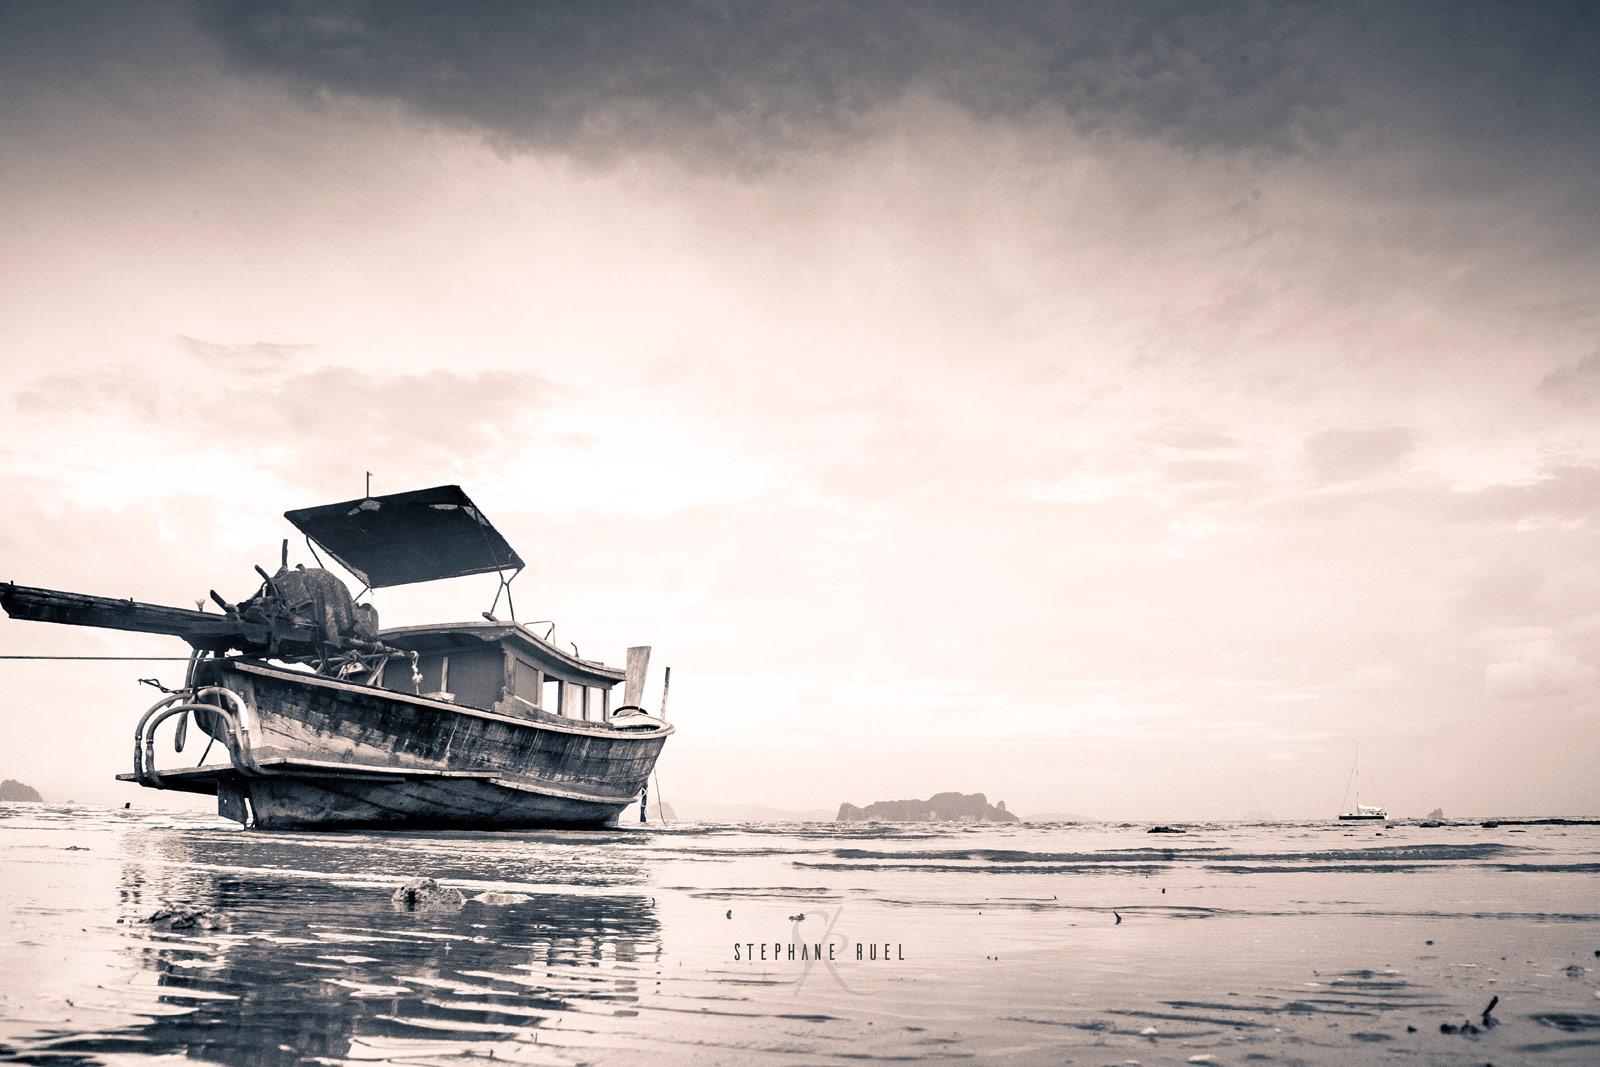 meilleure-photo-bateau-asiatique-thailande-professionnel-avignon-84000-parenthese-de-vie-photo-noir-et-blanc-regard-a-avignon-vaucluse-stephane-ruel-photographie